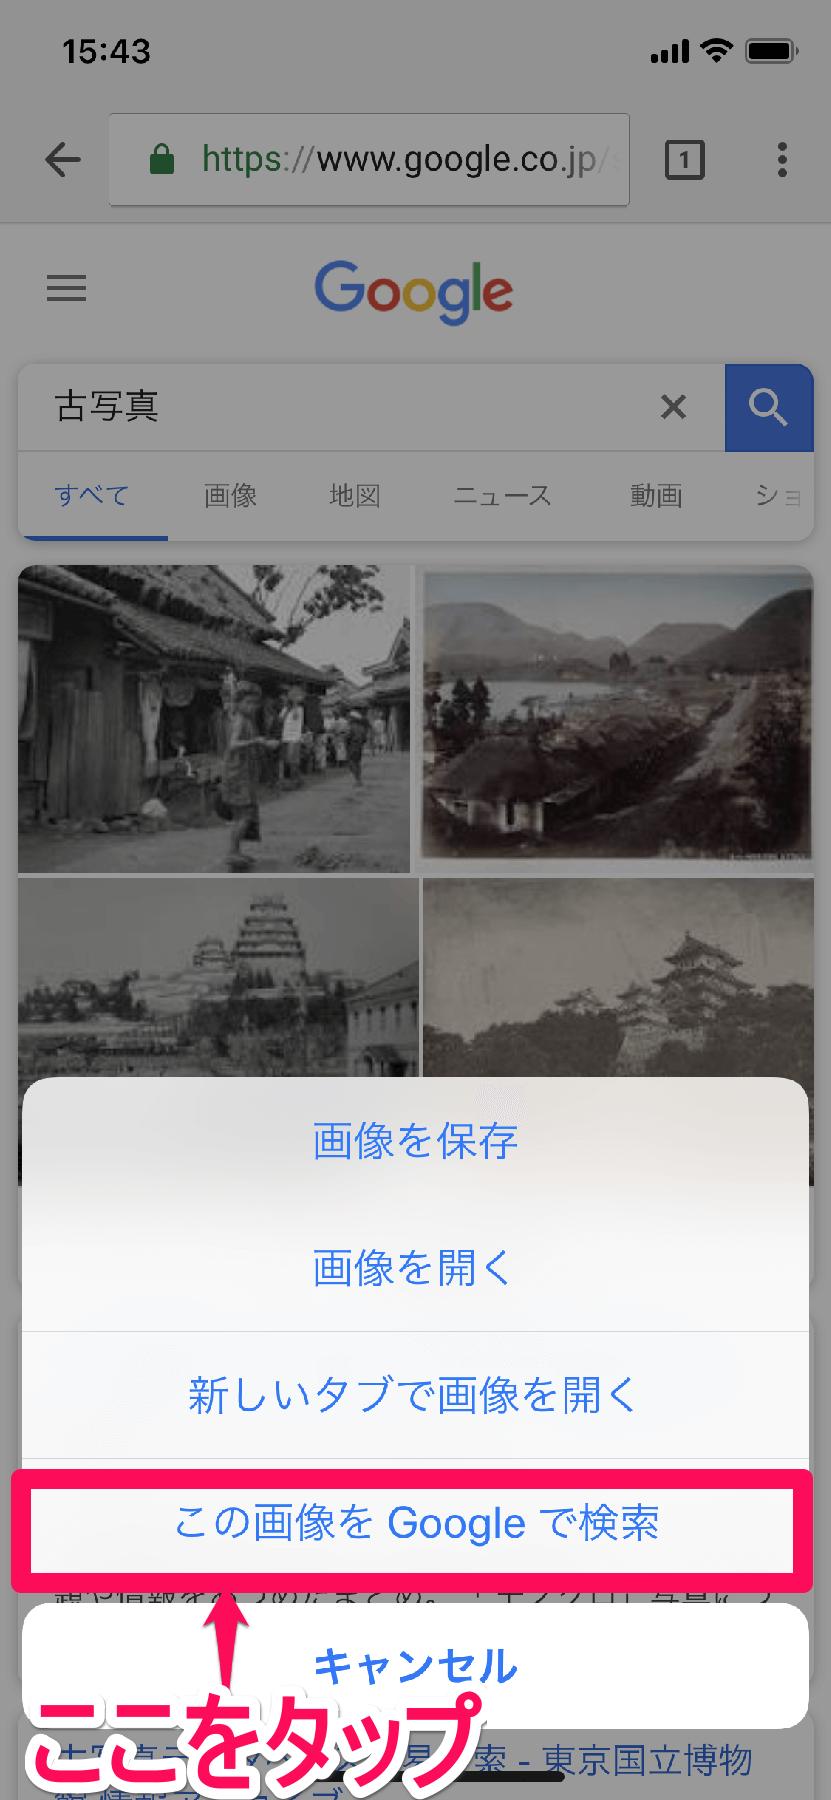 スマートフォン(iPhone(アイフォーン)&Android(アンドロイド)のChrome(クローム)アプリで検索結果画面のメニュー画面